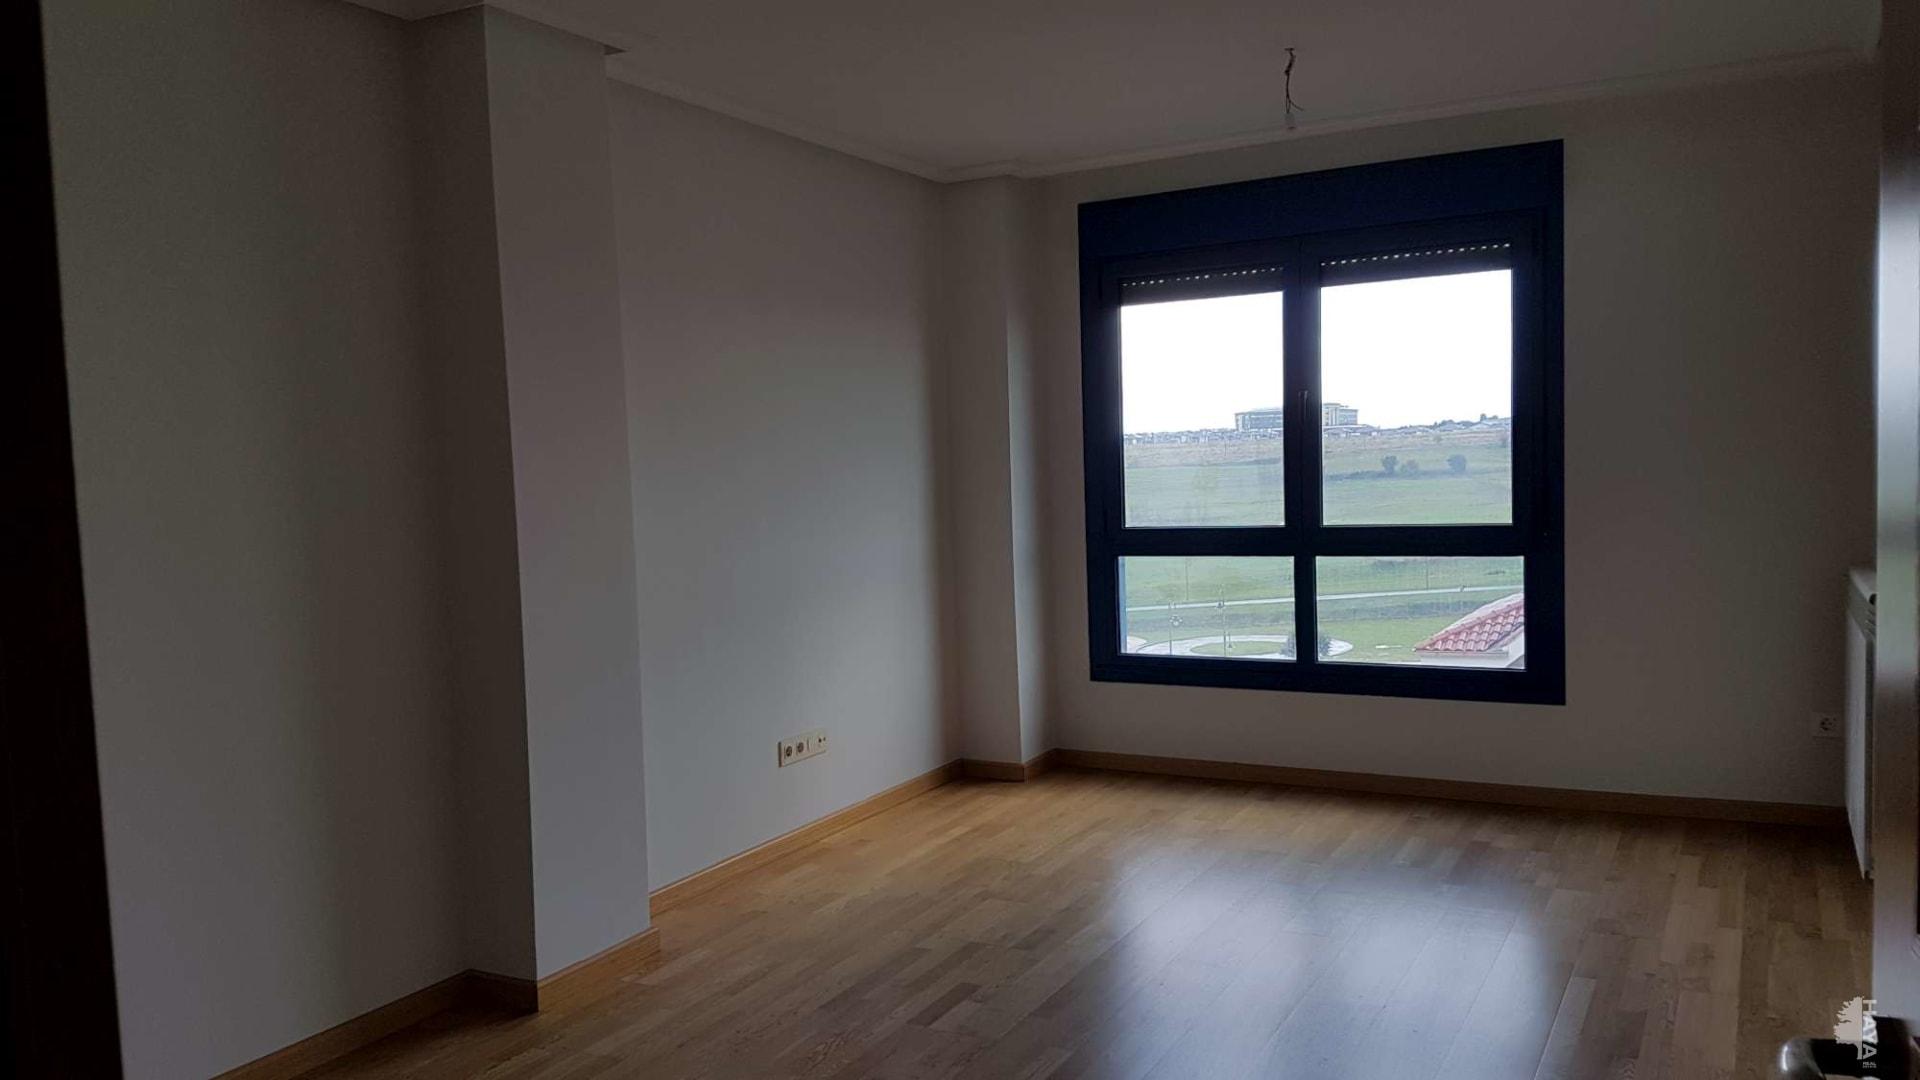 Piso en venta en Favila, Corvera de Asturias, Asturias, Pasaje Manzano Del, 85.000 €, 2 habitaciones, 1 baño, 72 m2